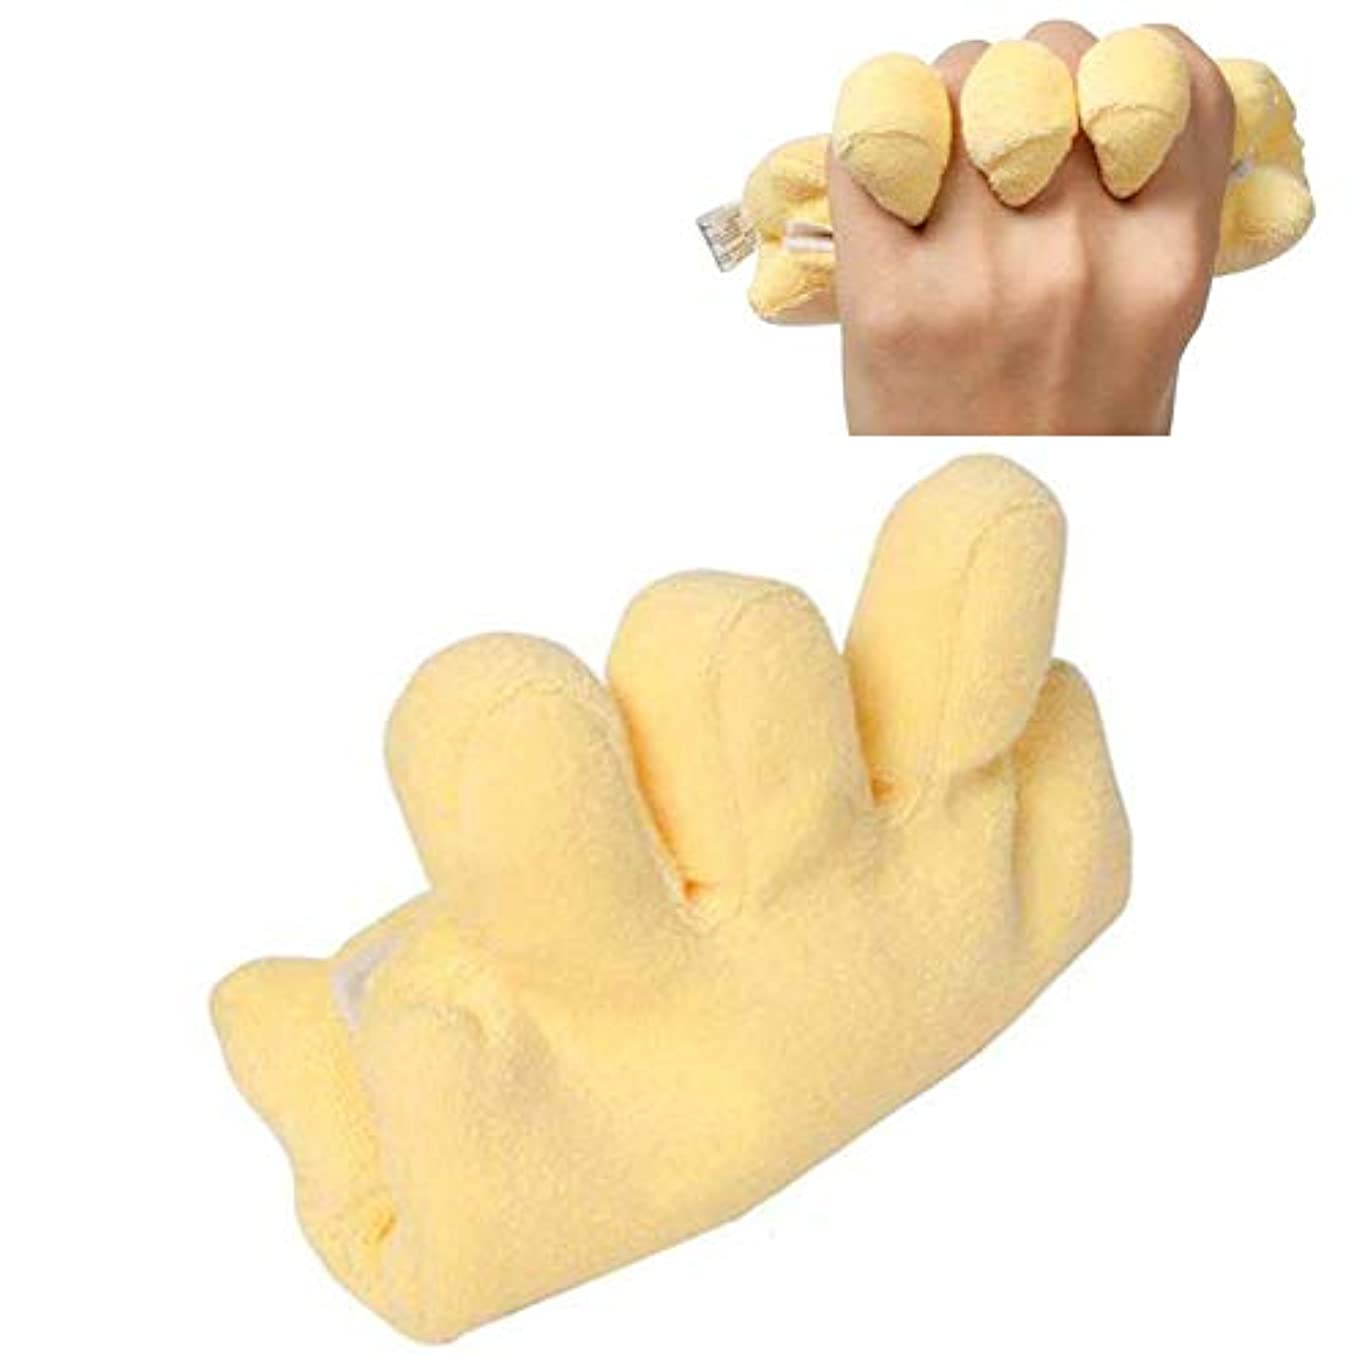 忌まわしい女性フルーティー手拘縮装具予防クッション、患者高齢者用の指セパレーター付きパームプロテクター,1PC